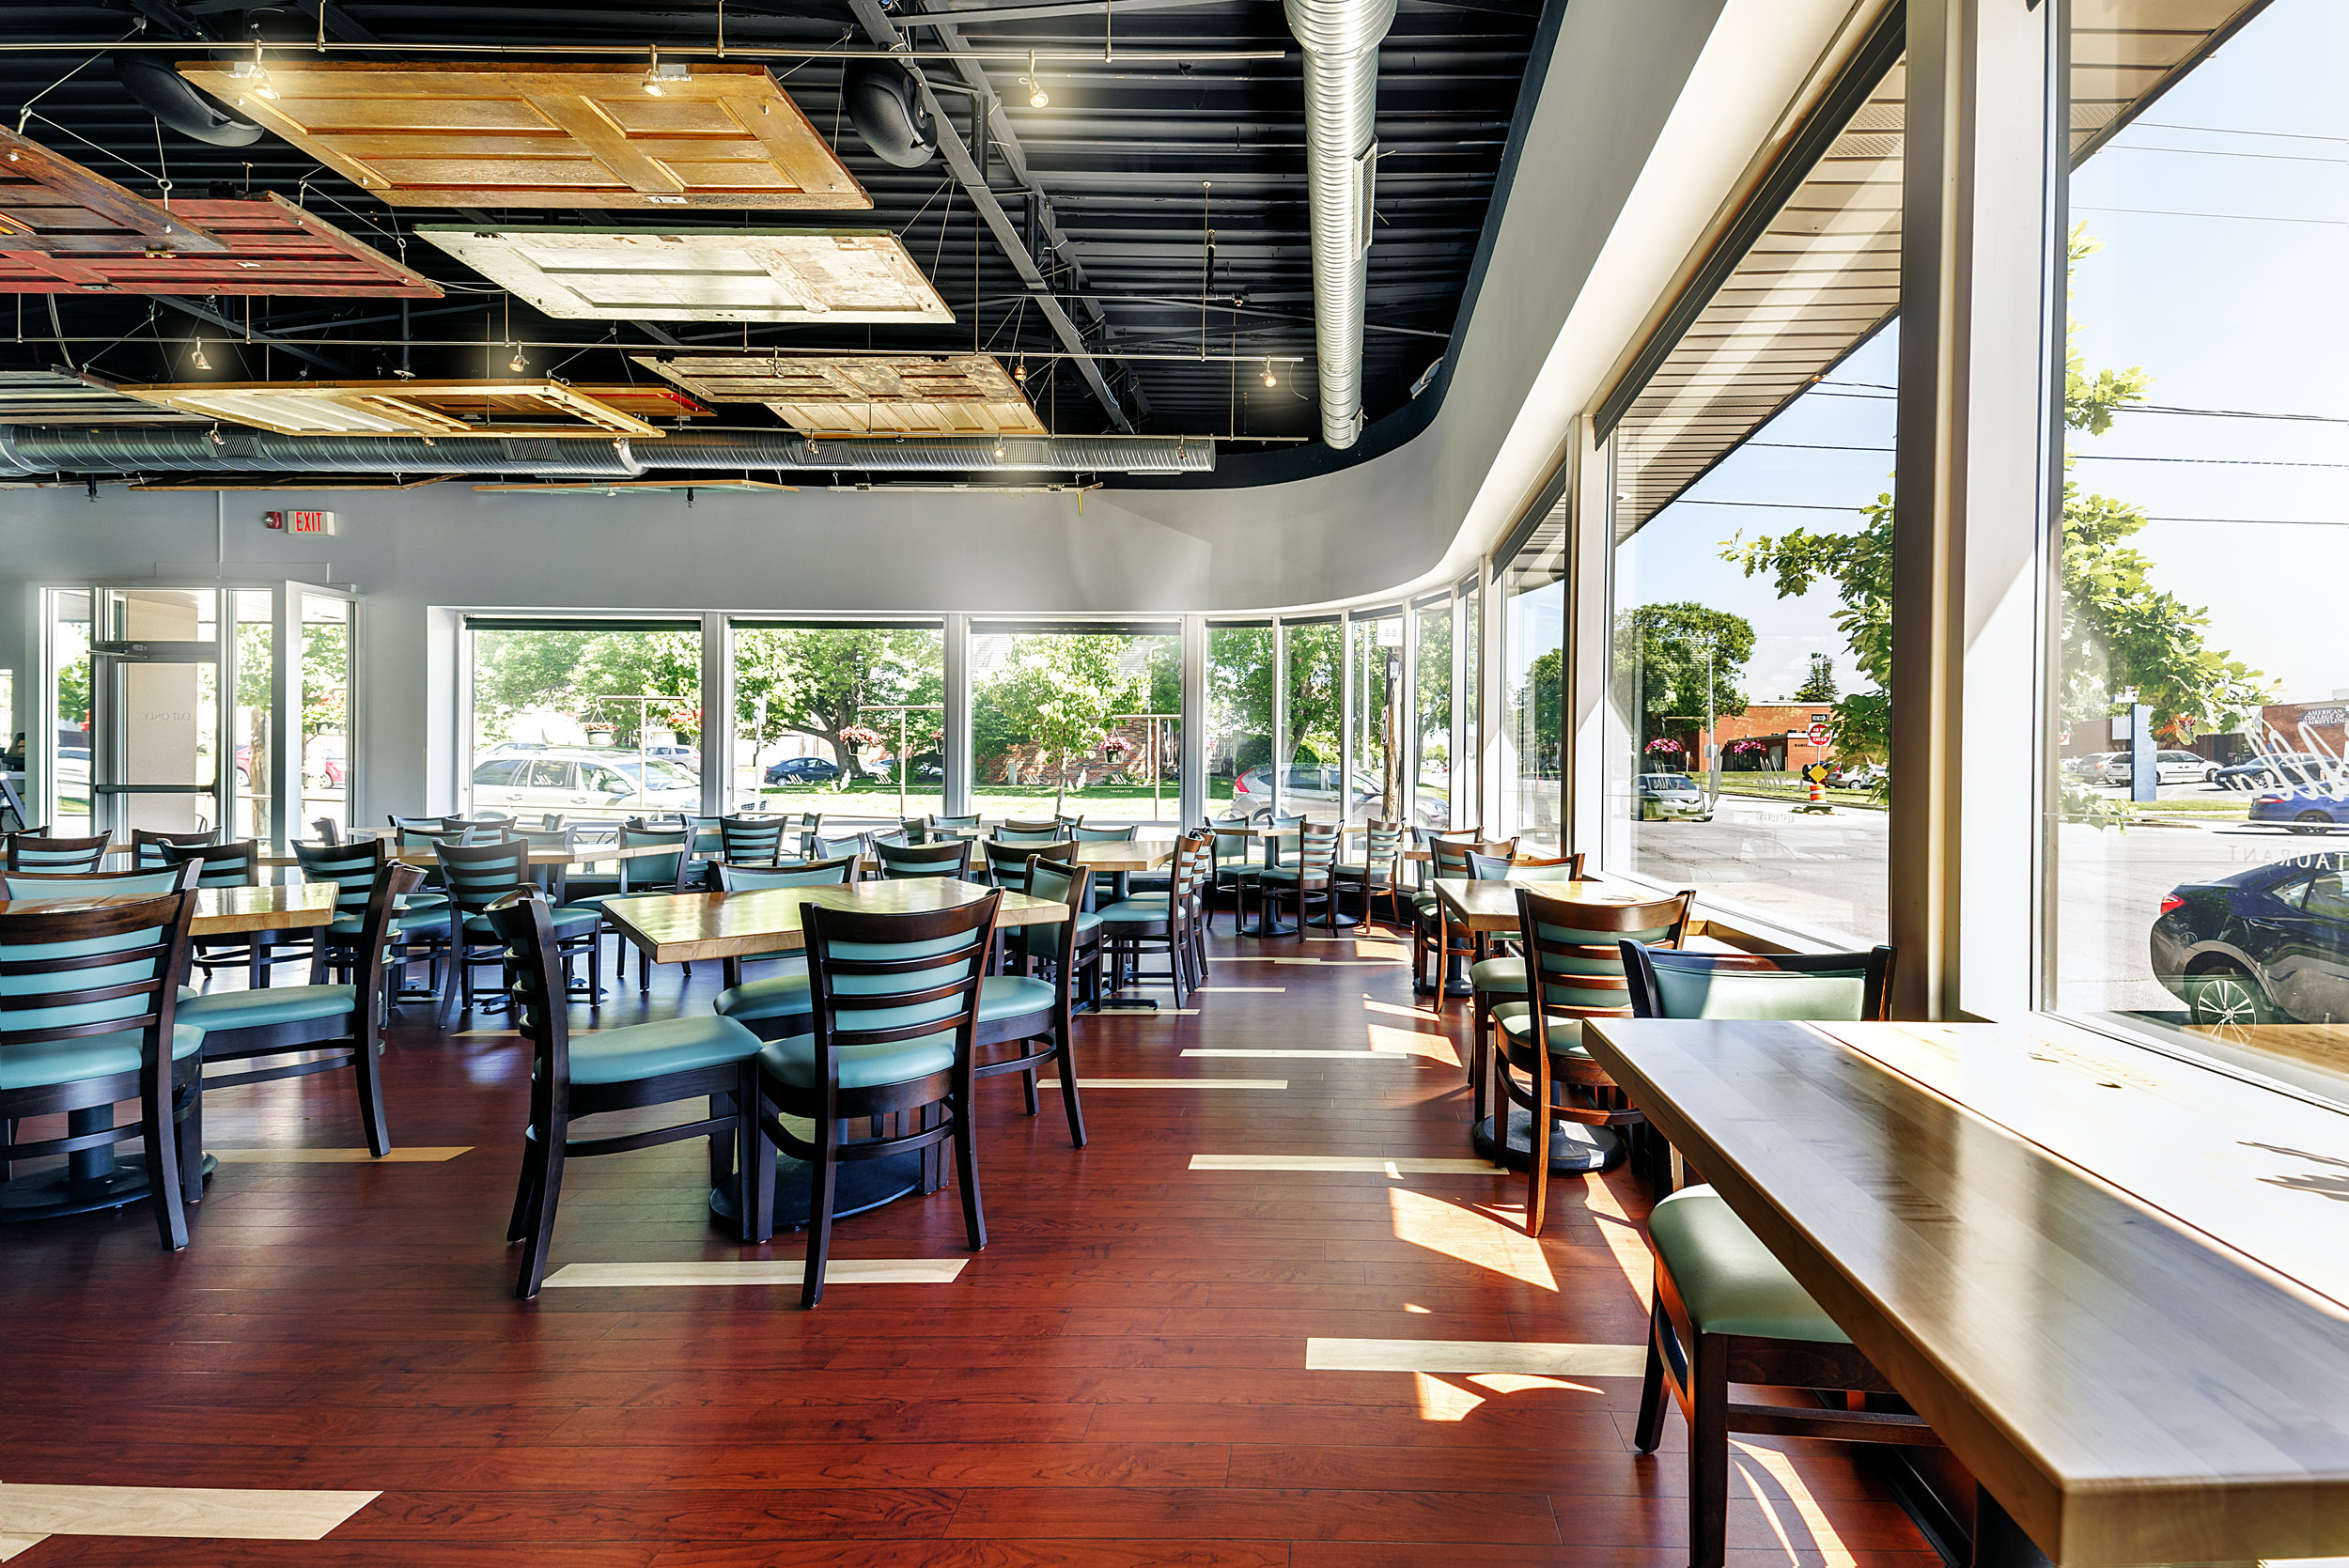 Alba Des Moines, Iowa Restaurant Space